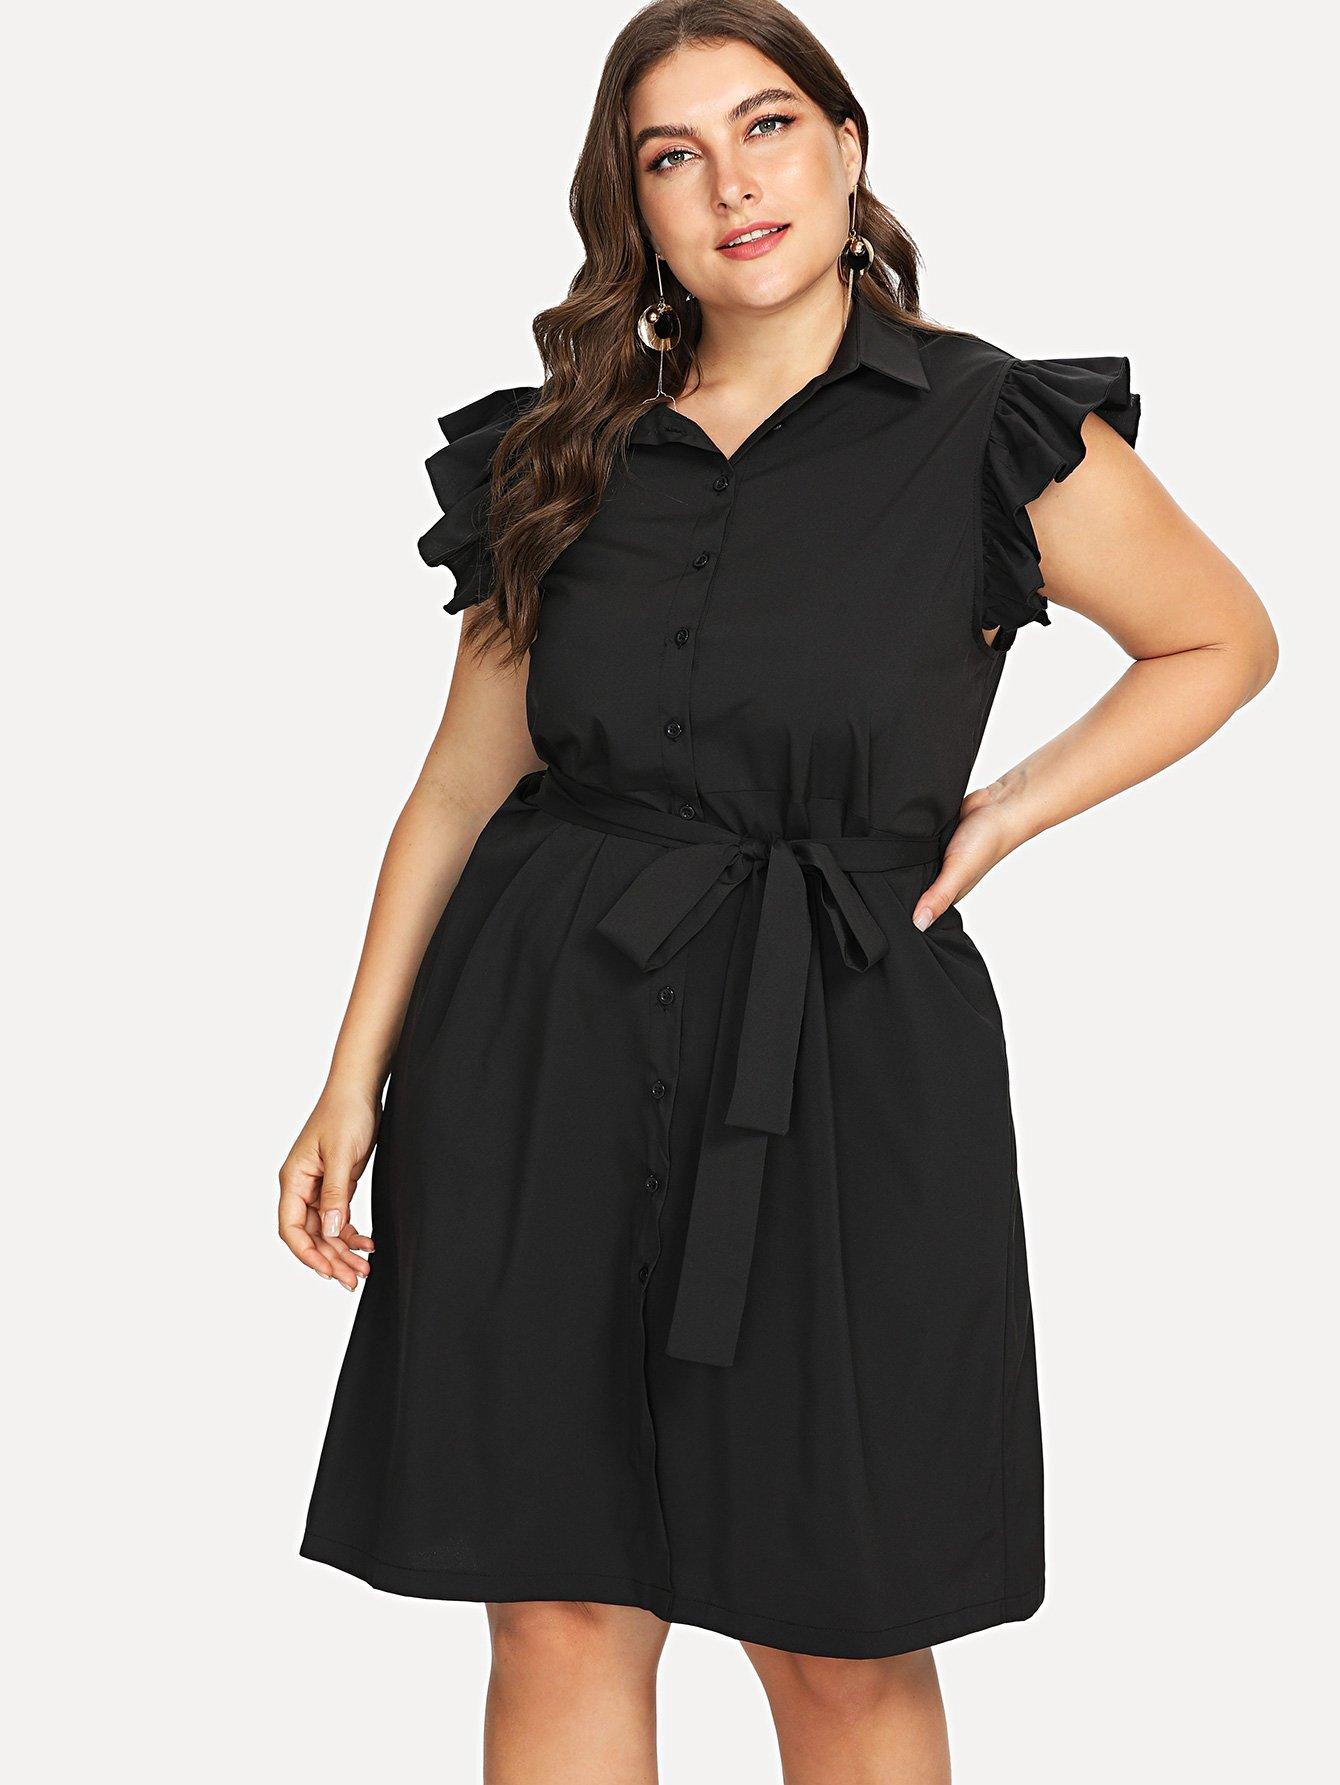 Self Tie Waist Ruffle Sleeve Shirt Dress self tie waist ruffle skirt